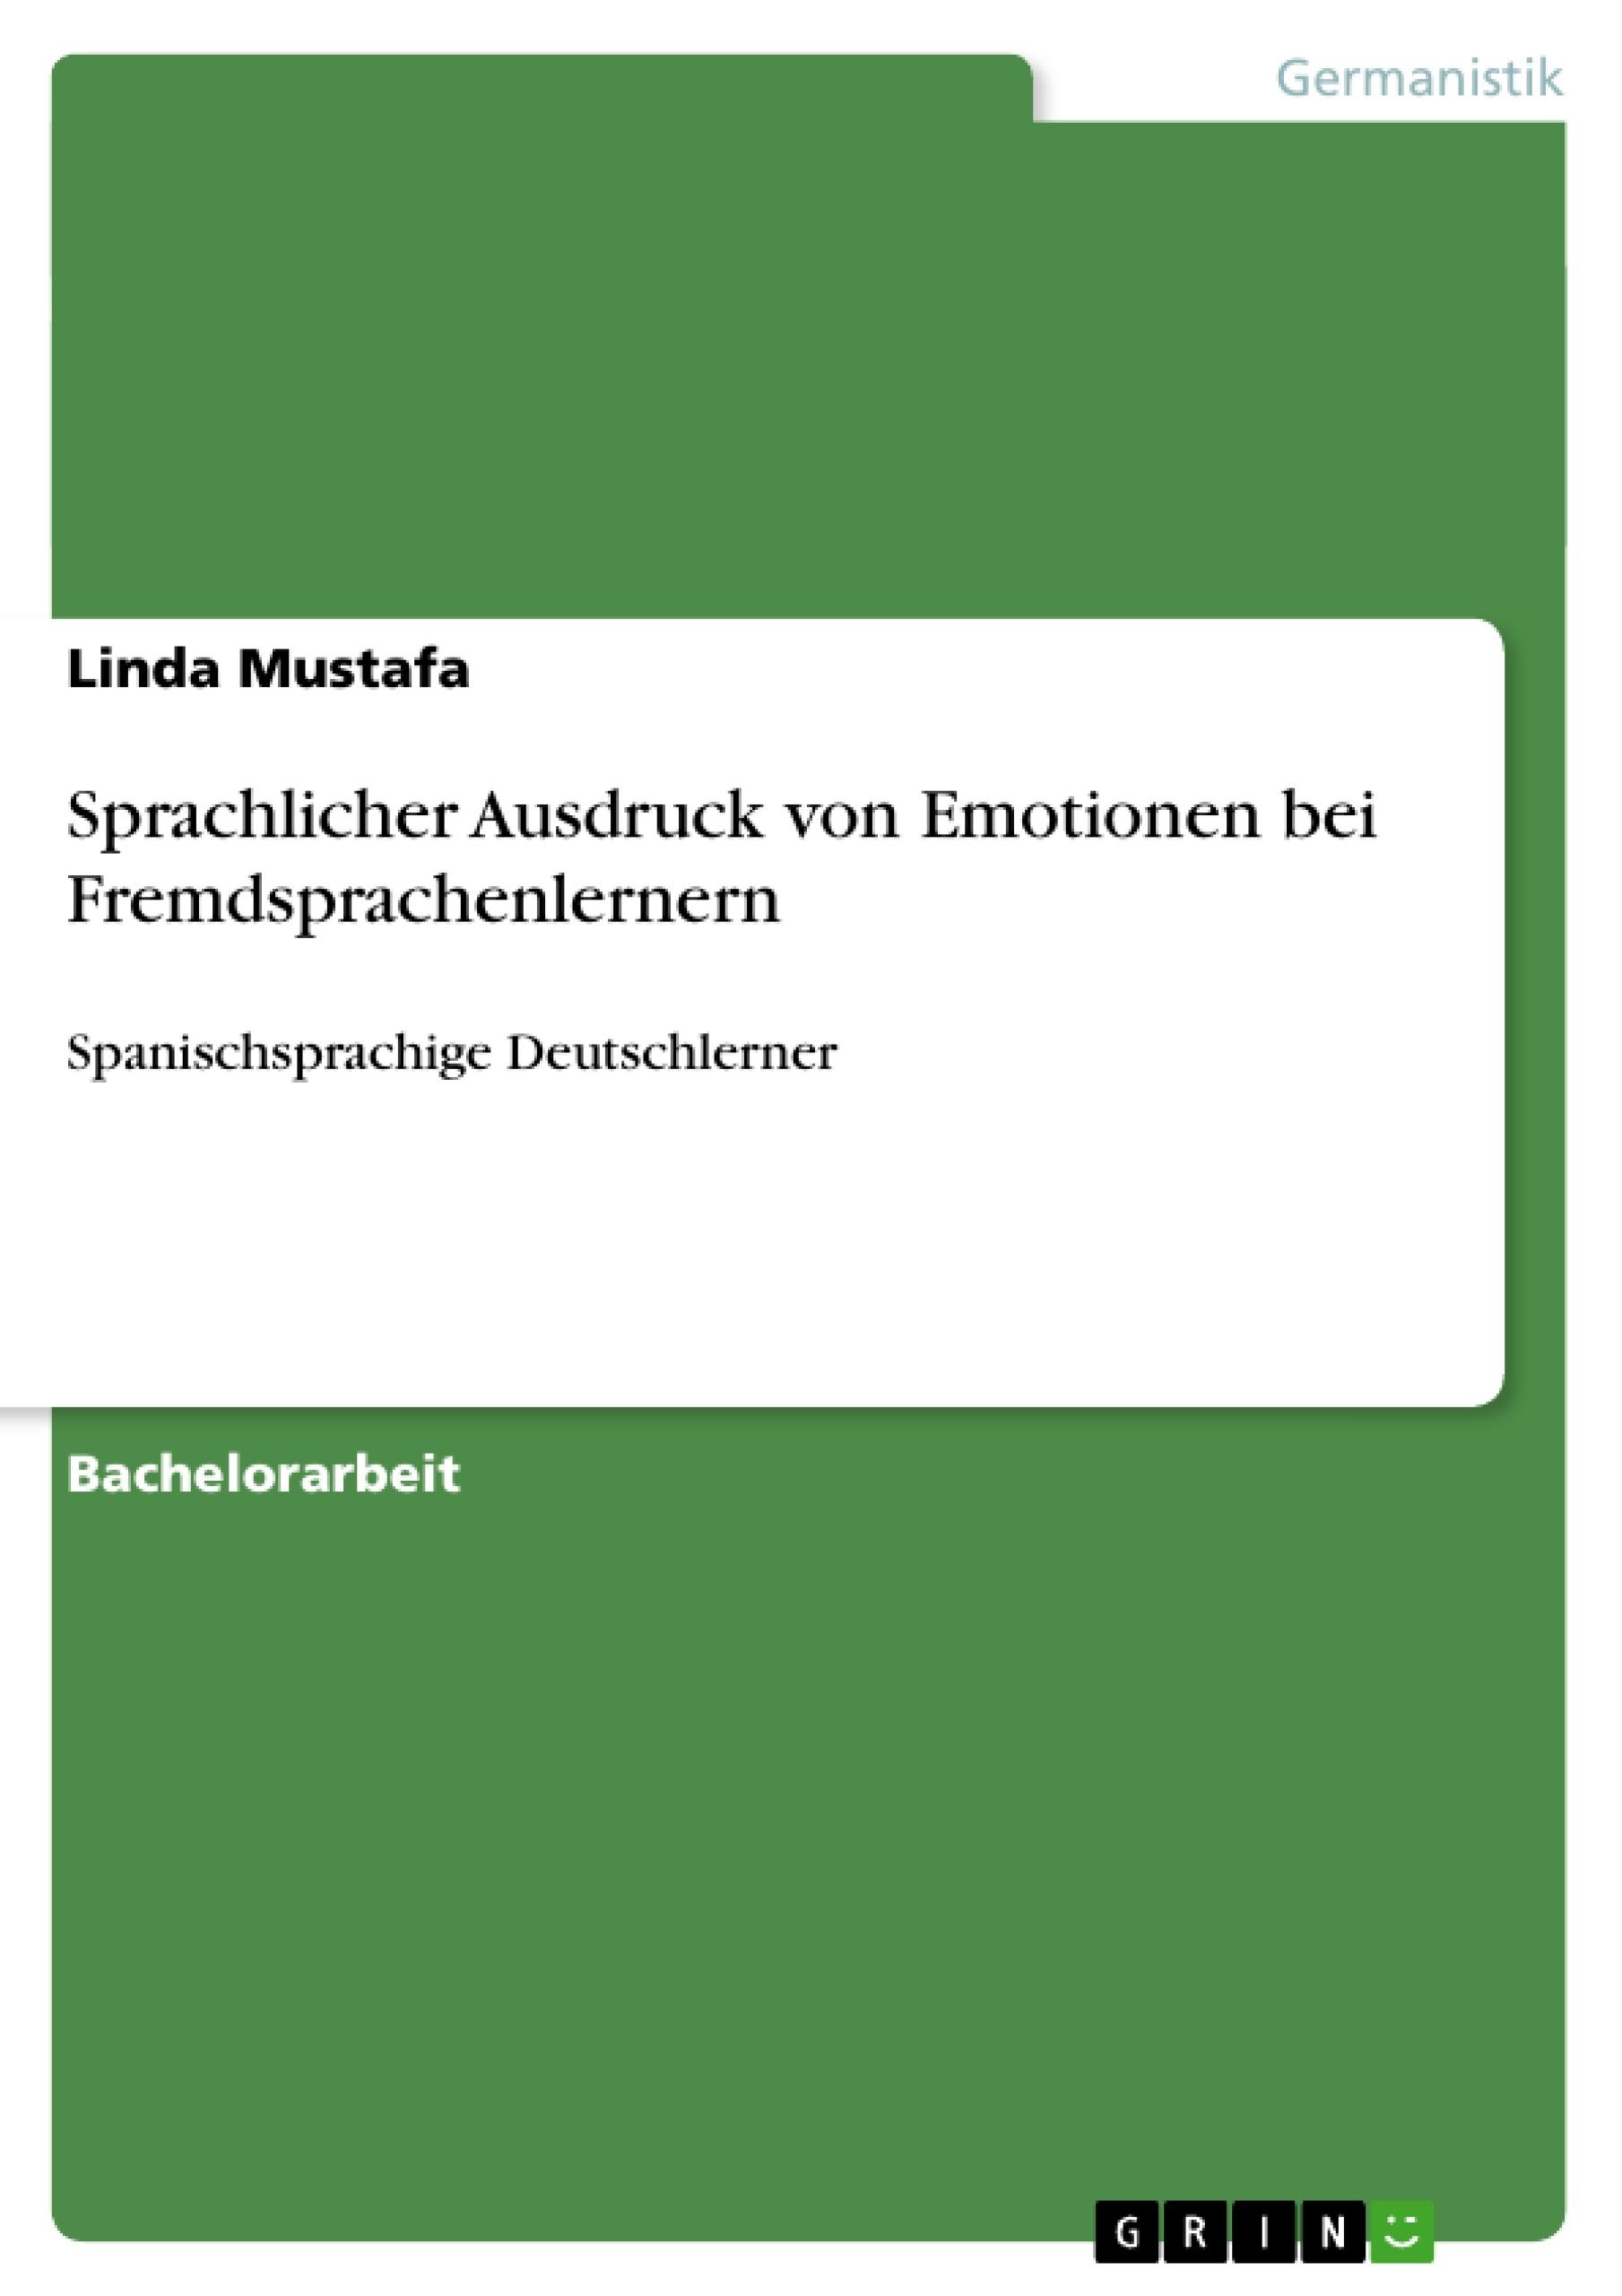 Titel: Sprachlicher Ausdruck von Emotionen bei Fremdsprachenlernern